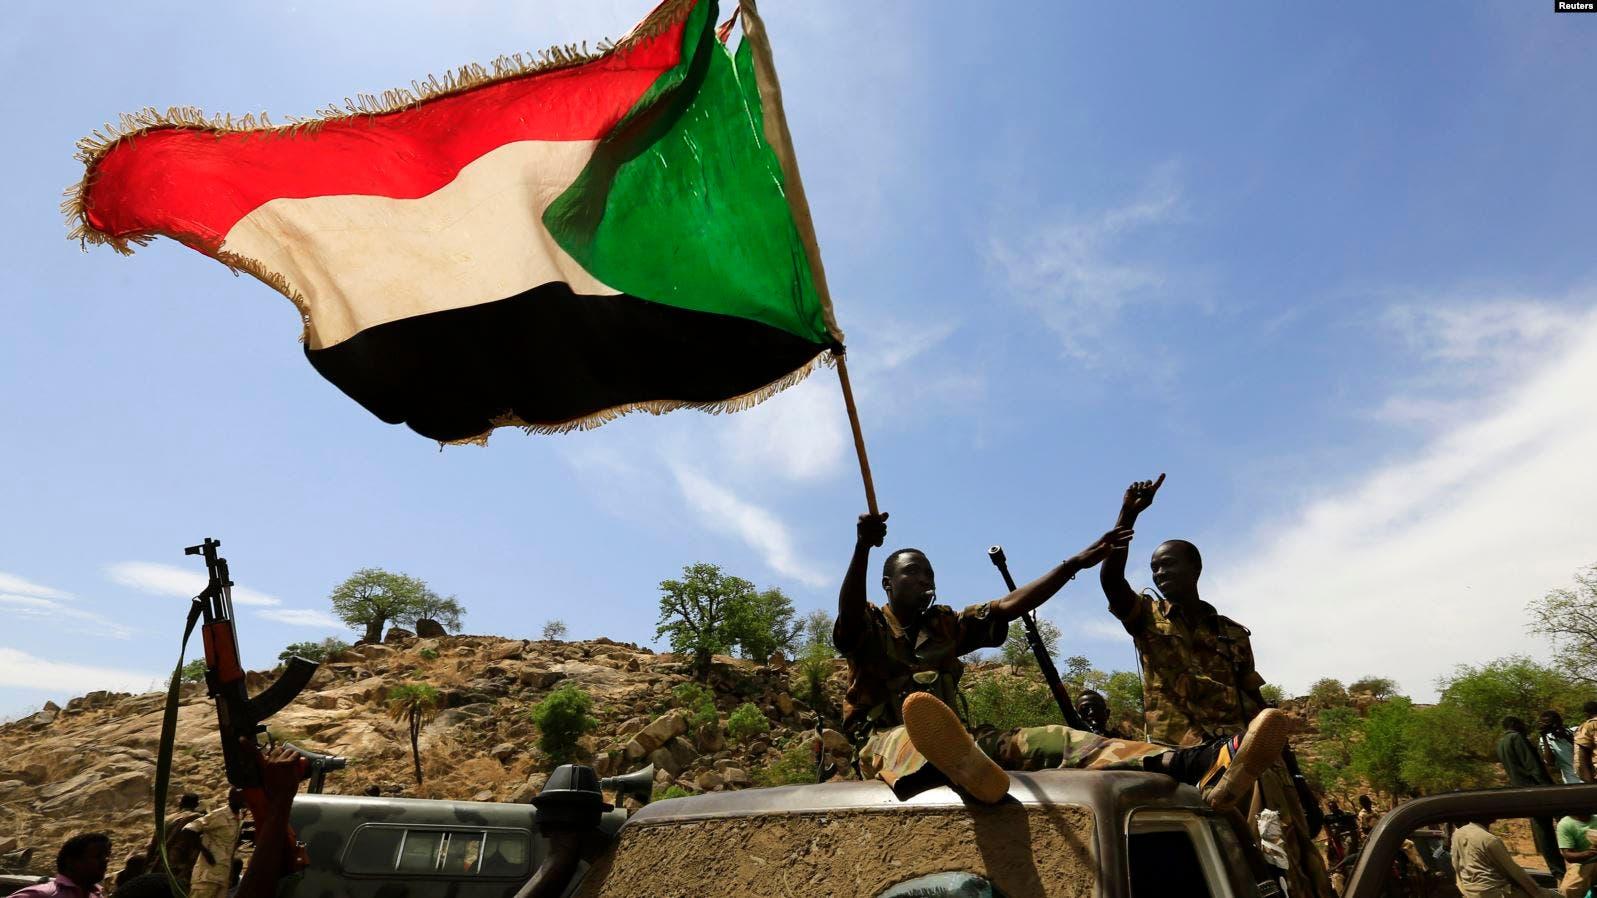 Ciidamada Sudan 'oo dib u qabsaday' dhammaan dhulkii ay ka haysatay Ethiopia